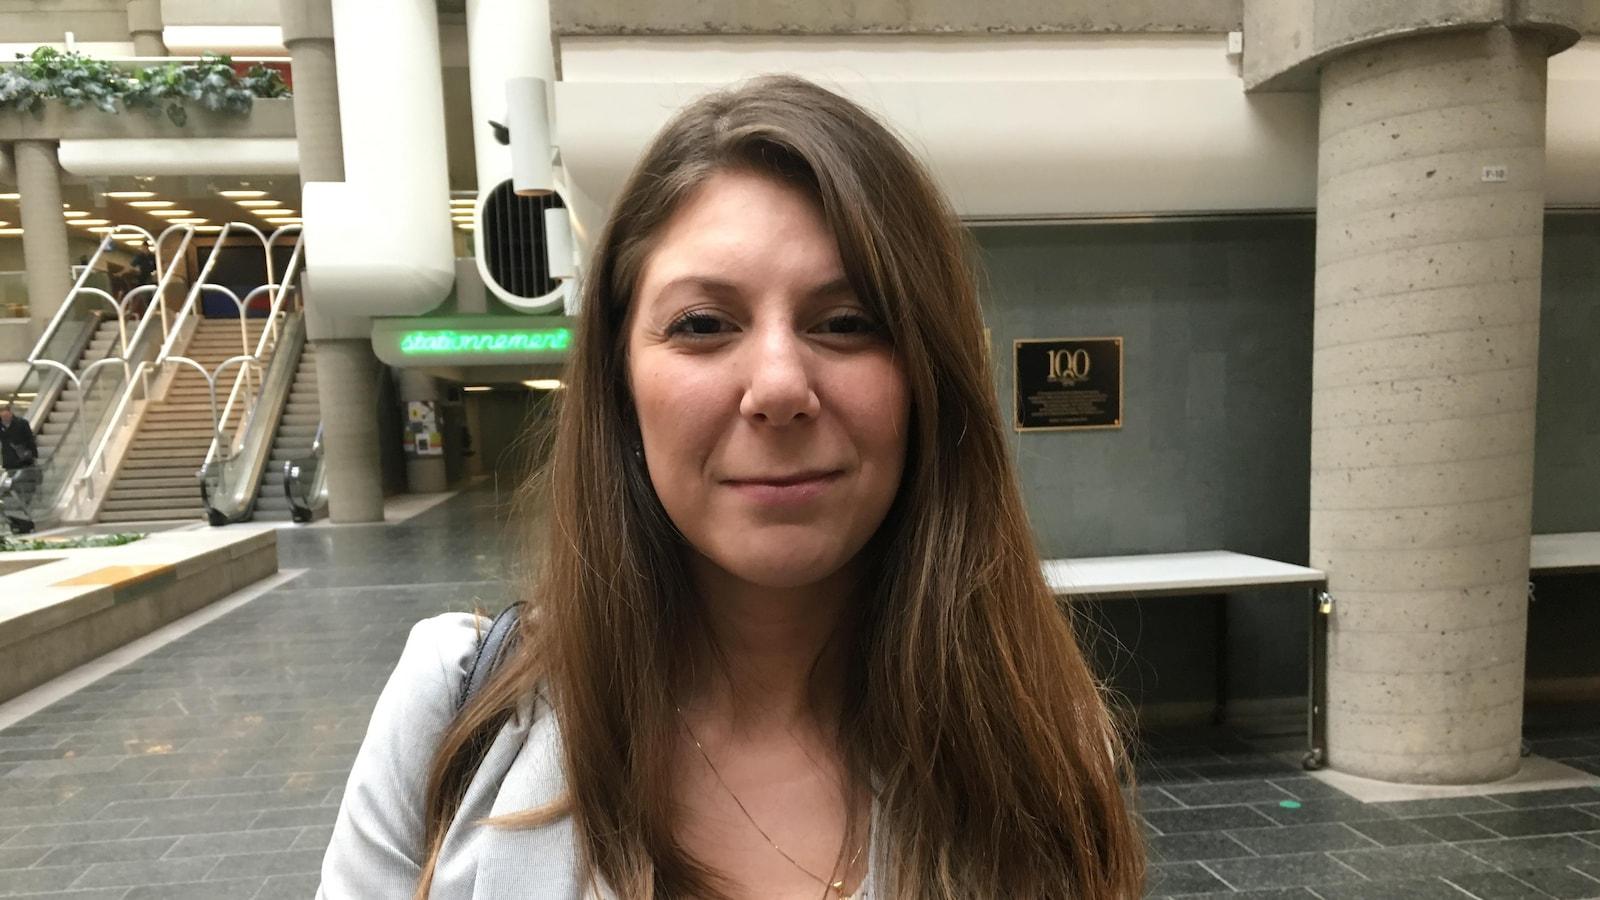 Megda Belkacemi à sa sortie de la salle d'audience au palais de justice de Québec